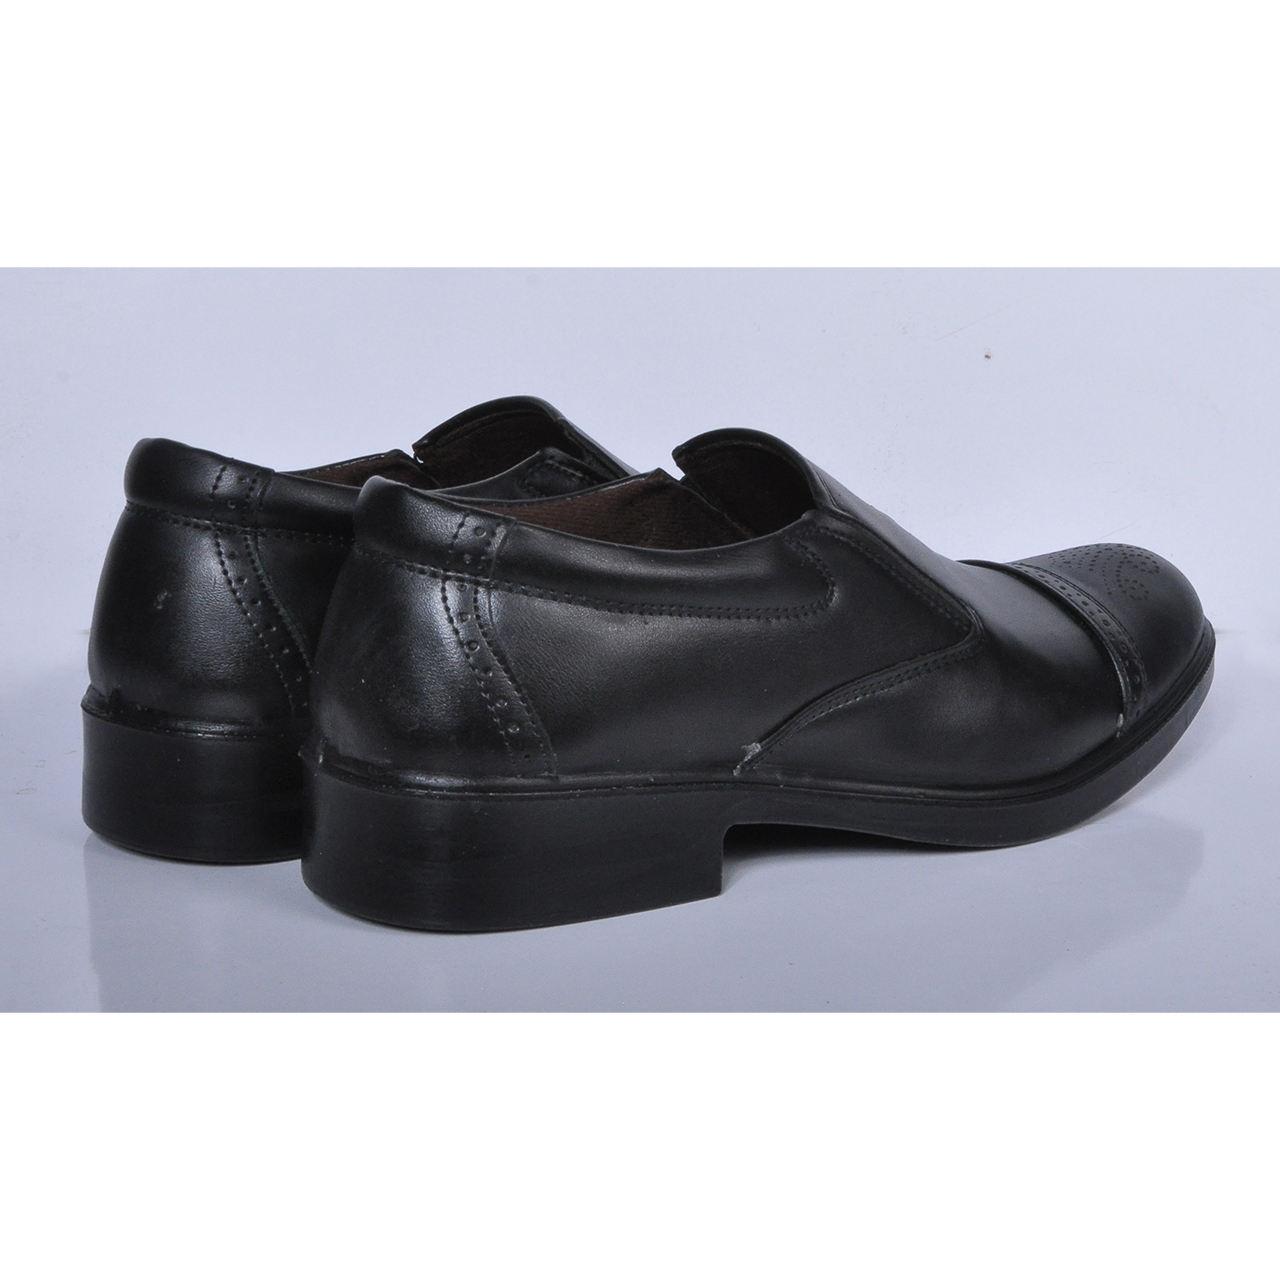 کفش مردانه مدل m289m -  - 1